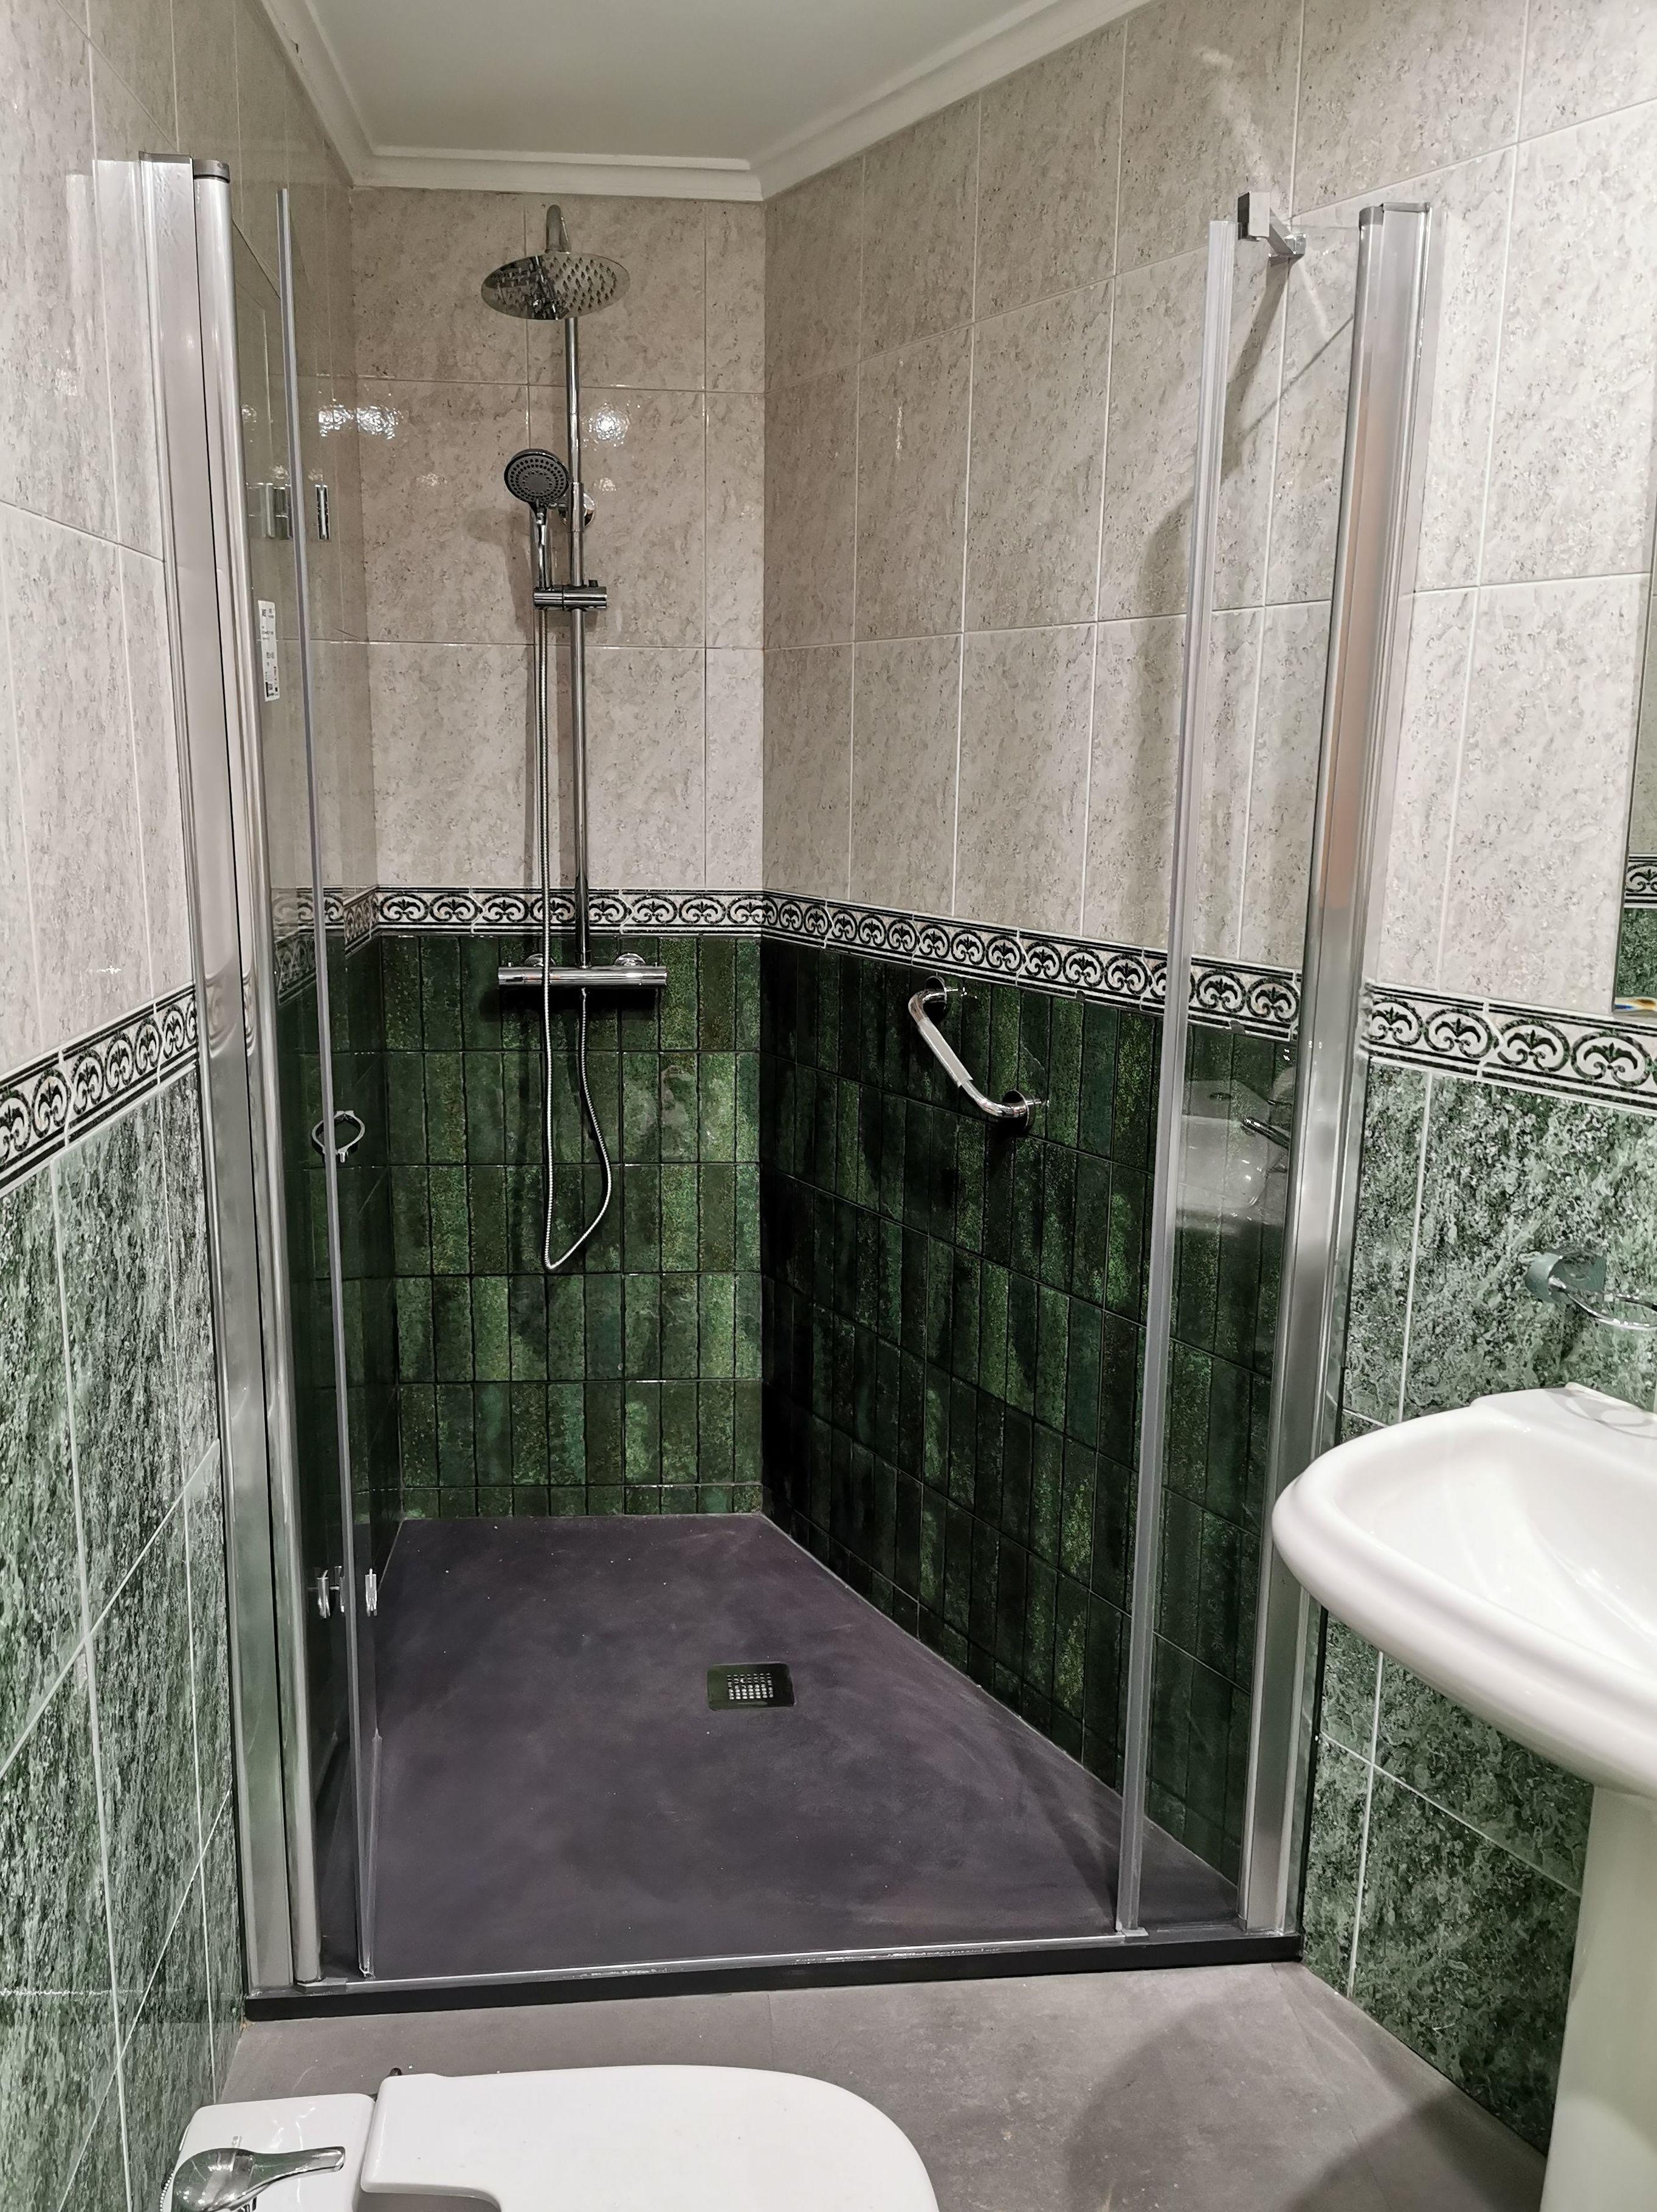 Foto 12 de Reformas en baños y cocinas en Trobajo del Camino | F. Alba, cocinas y baños